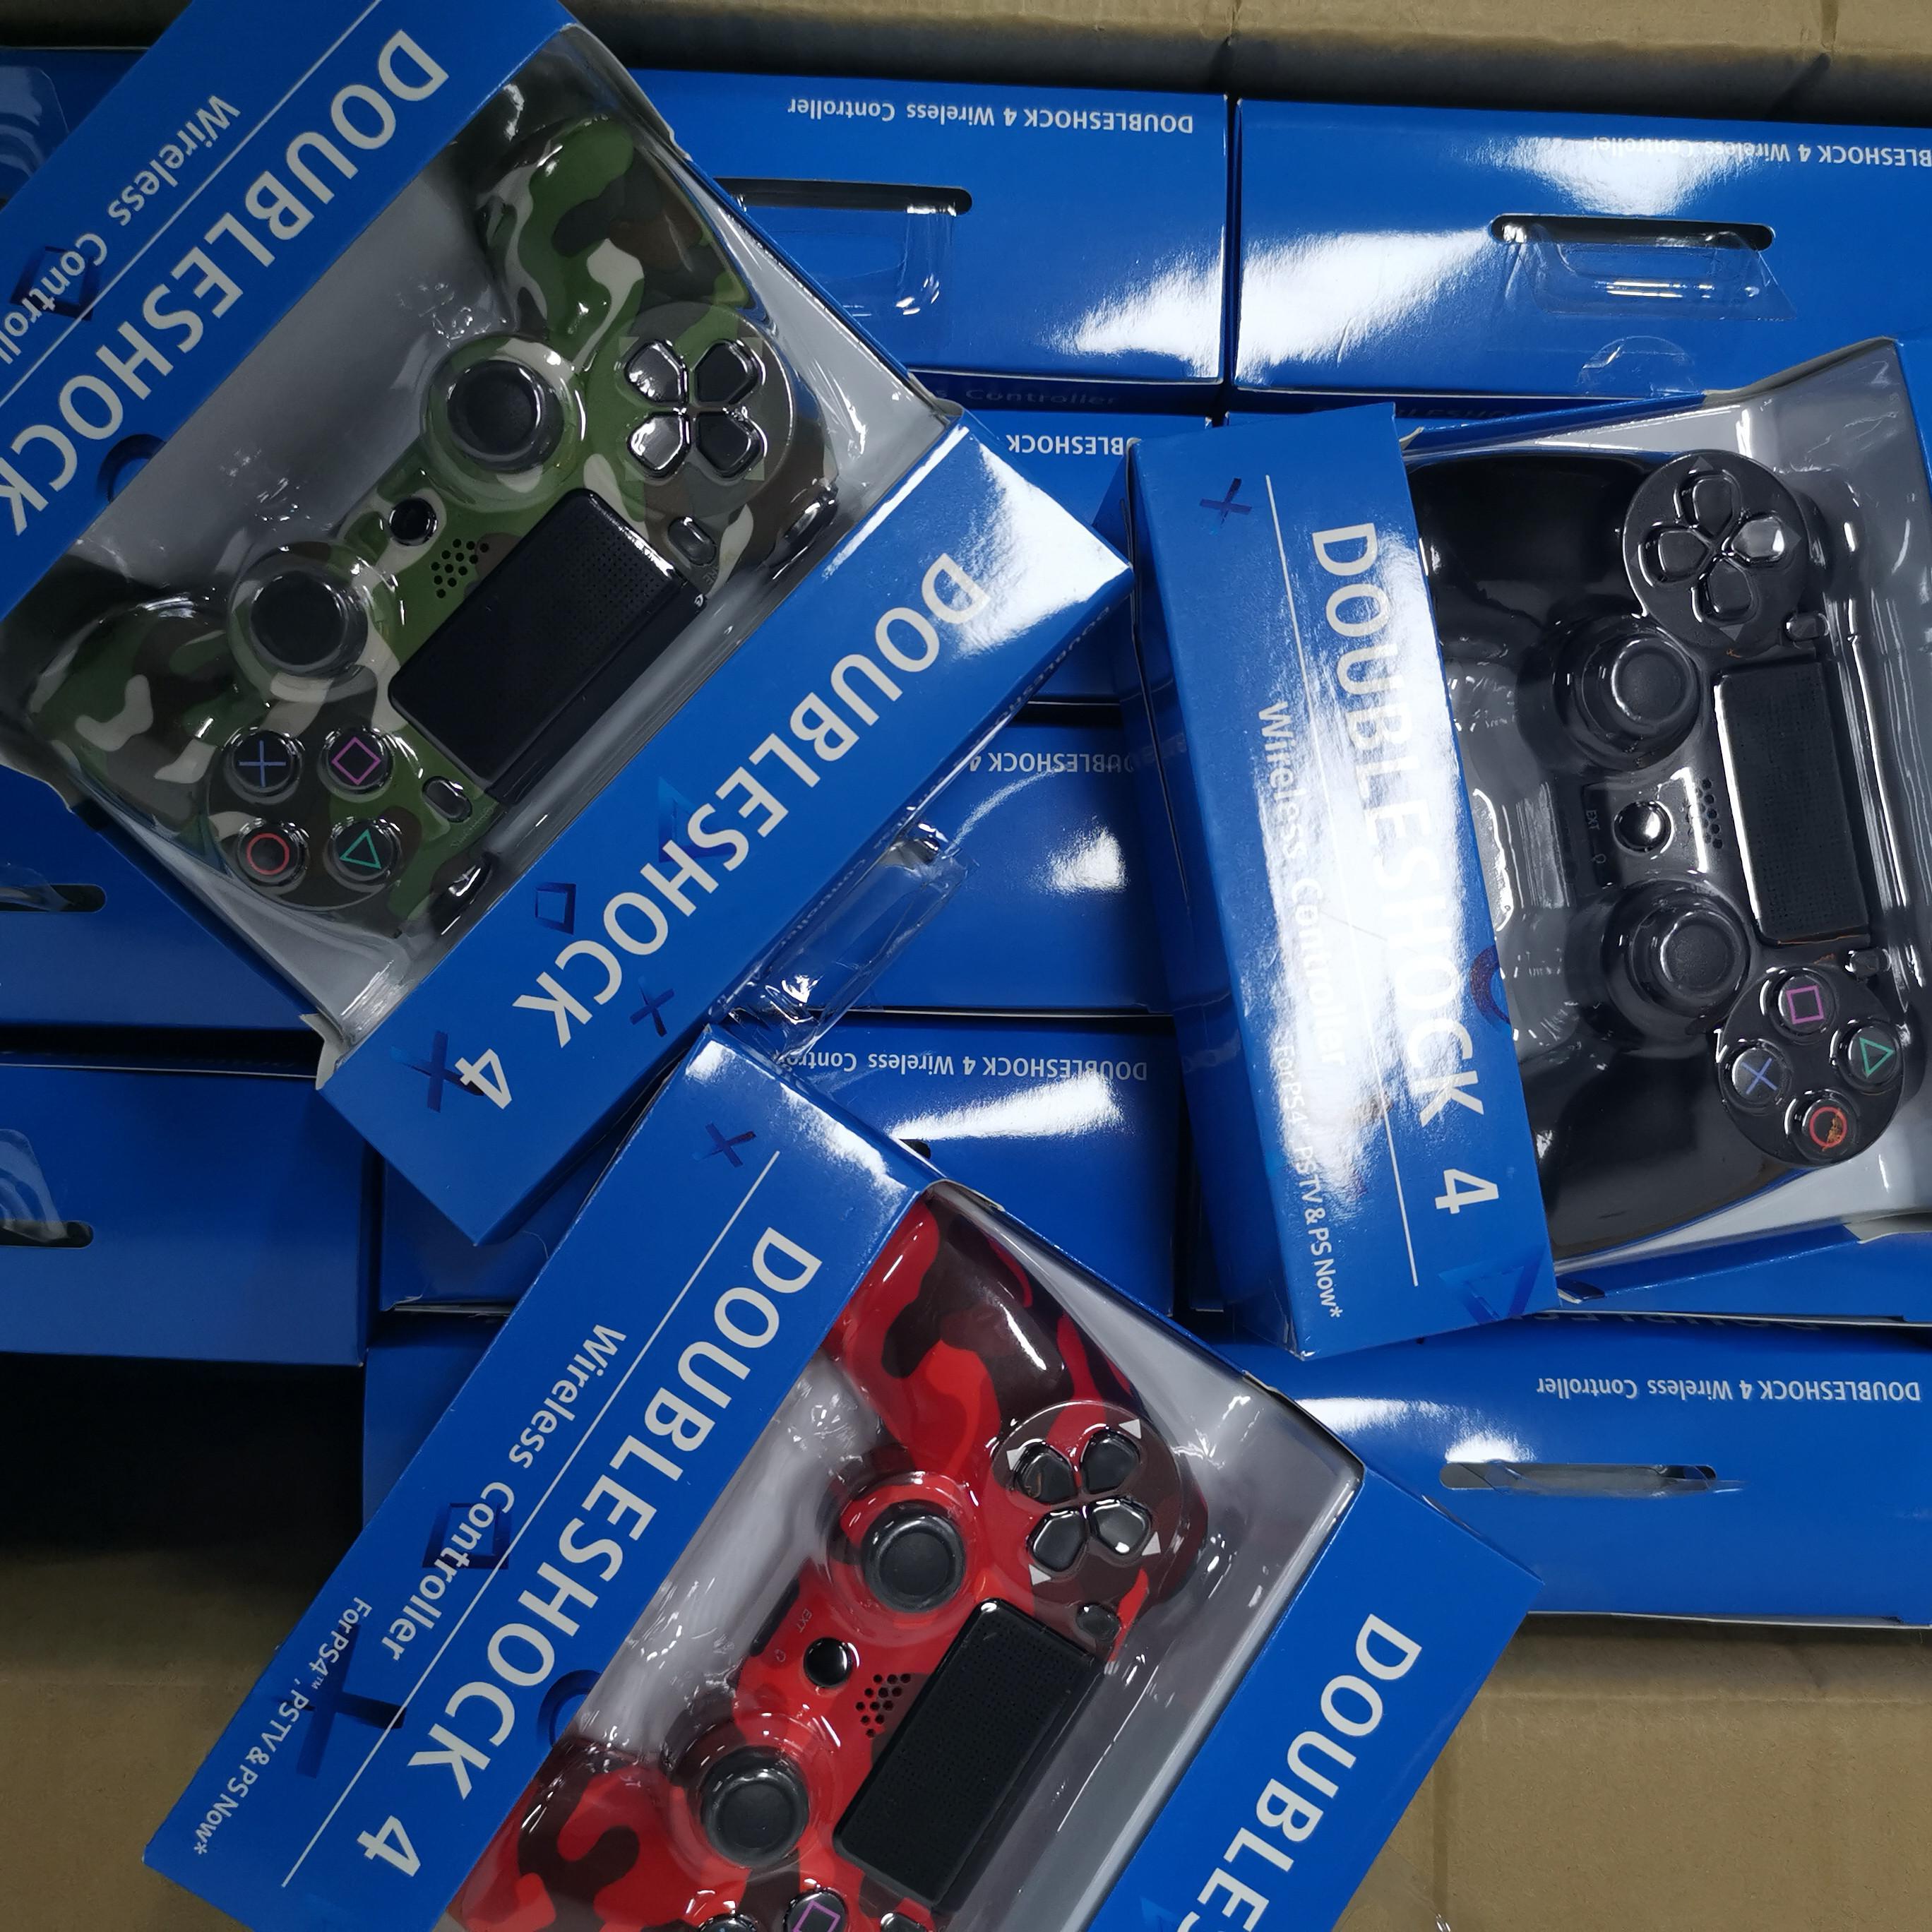 وحدة تحكم بلوتوث لاسلكية ل ps4 الاهتزاز المقود gamepad تحكم لعبة لسوني محطة اللعب مع مربع التجزئة 23 ألوان dhl مجانا